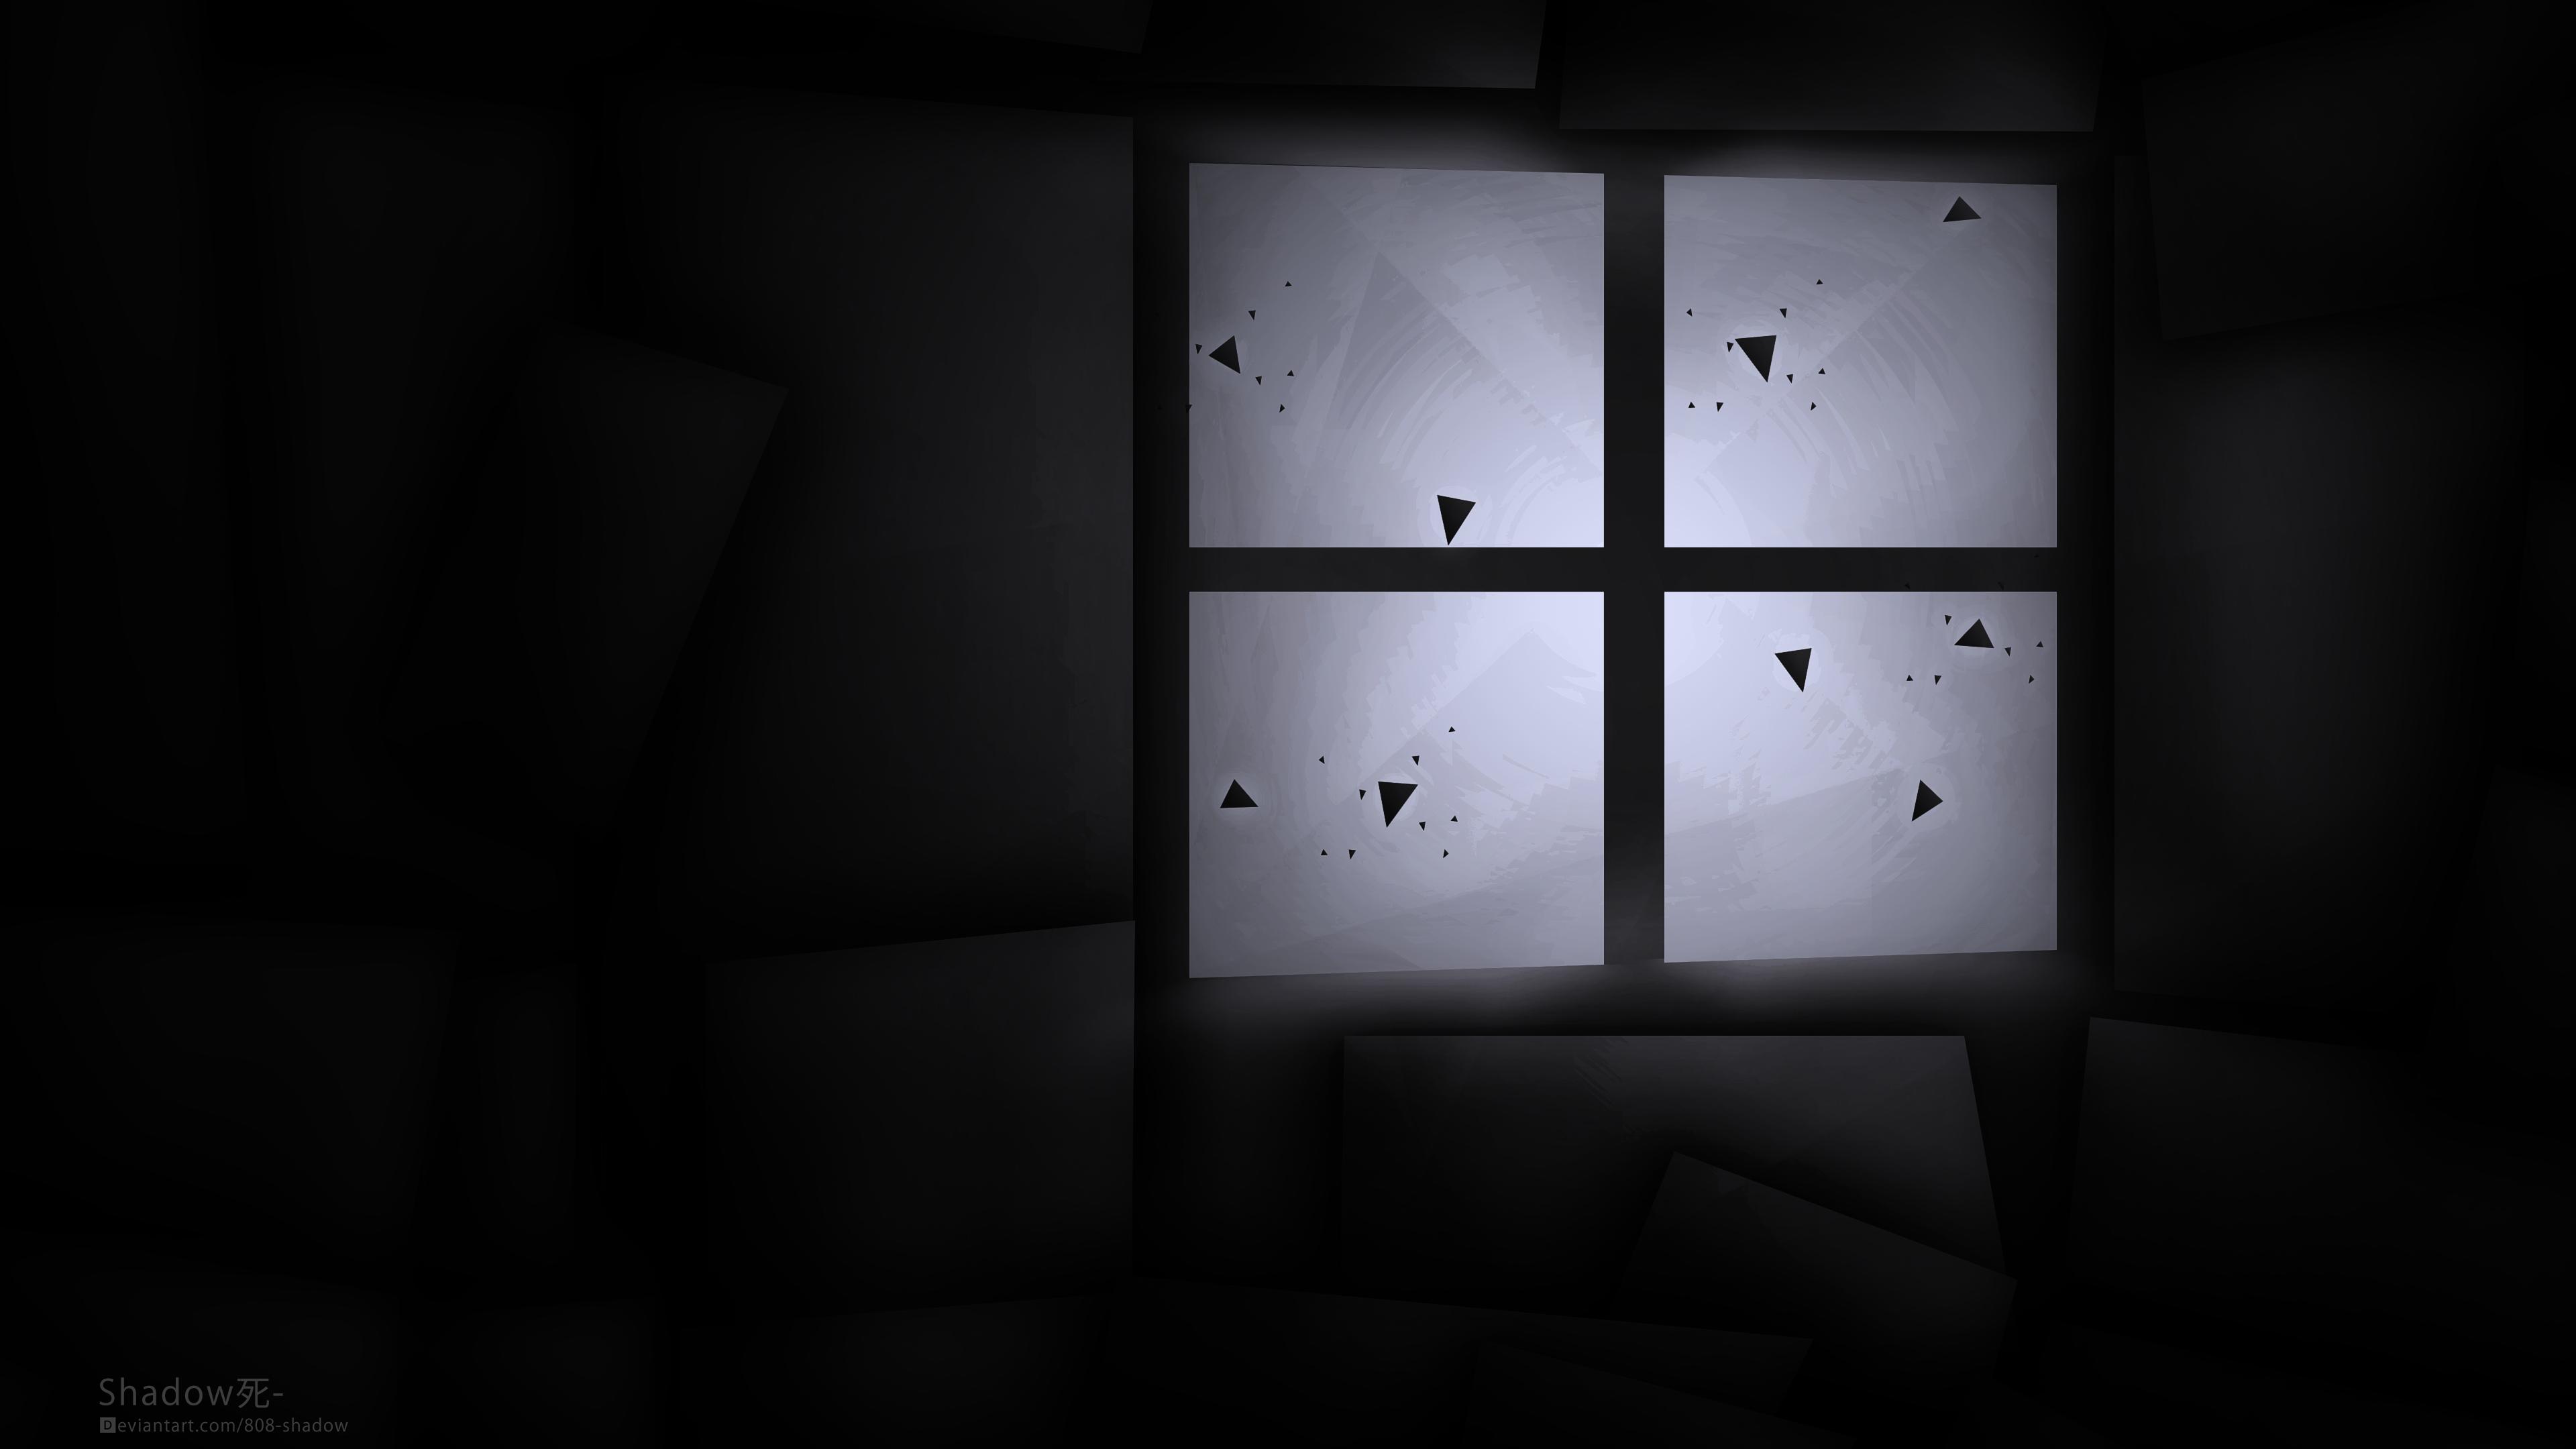 Original Windows Wallpaper Dark By 808 Shadow On Deviantart